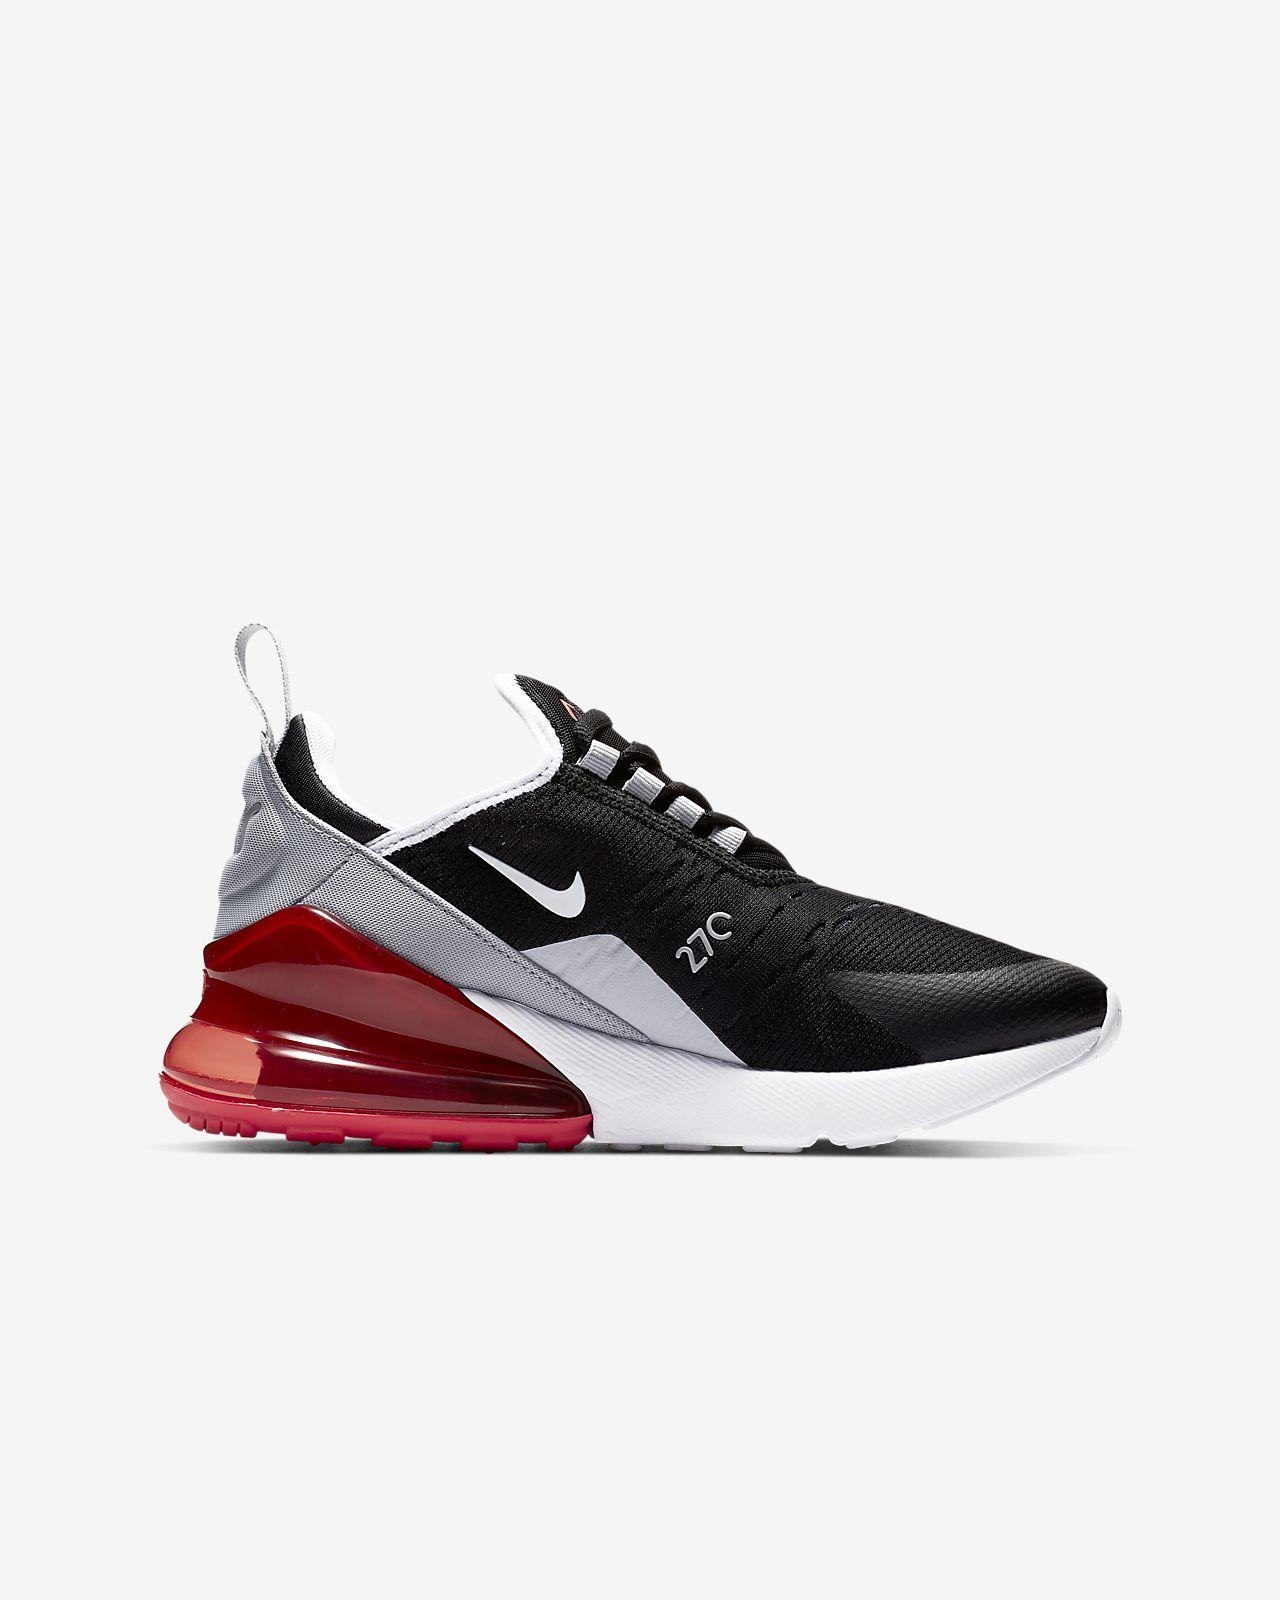 new product 4008a 67a59 Nike Air Max 270 Zapatillas - Niño/a. Nike.com ES